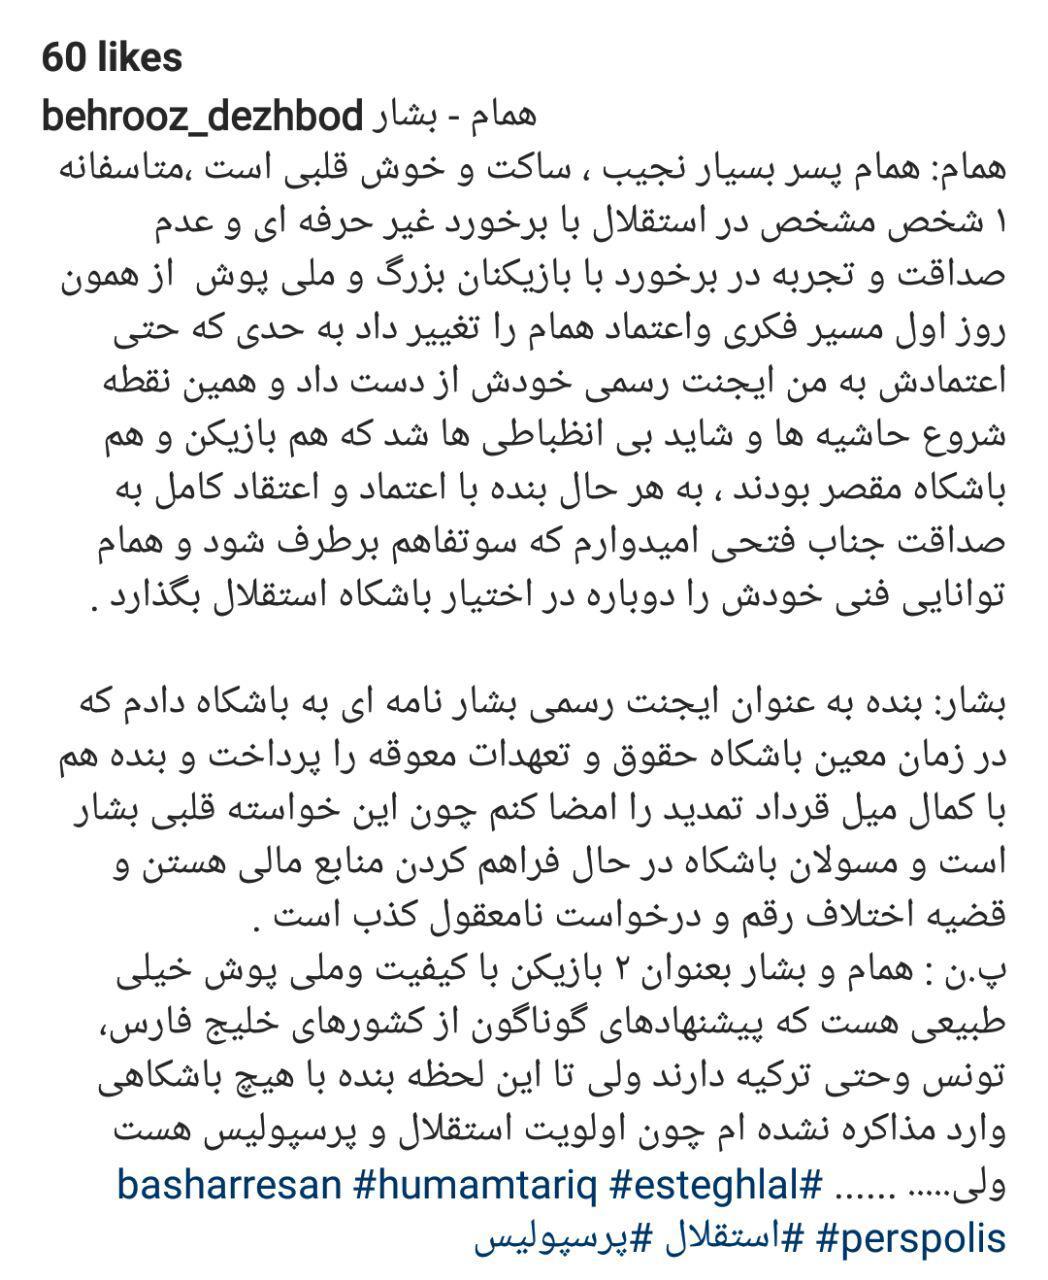 خبر جدید مدیربرنامههای طارق و رسن برای سرخابیها